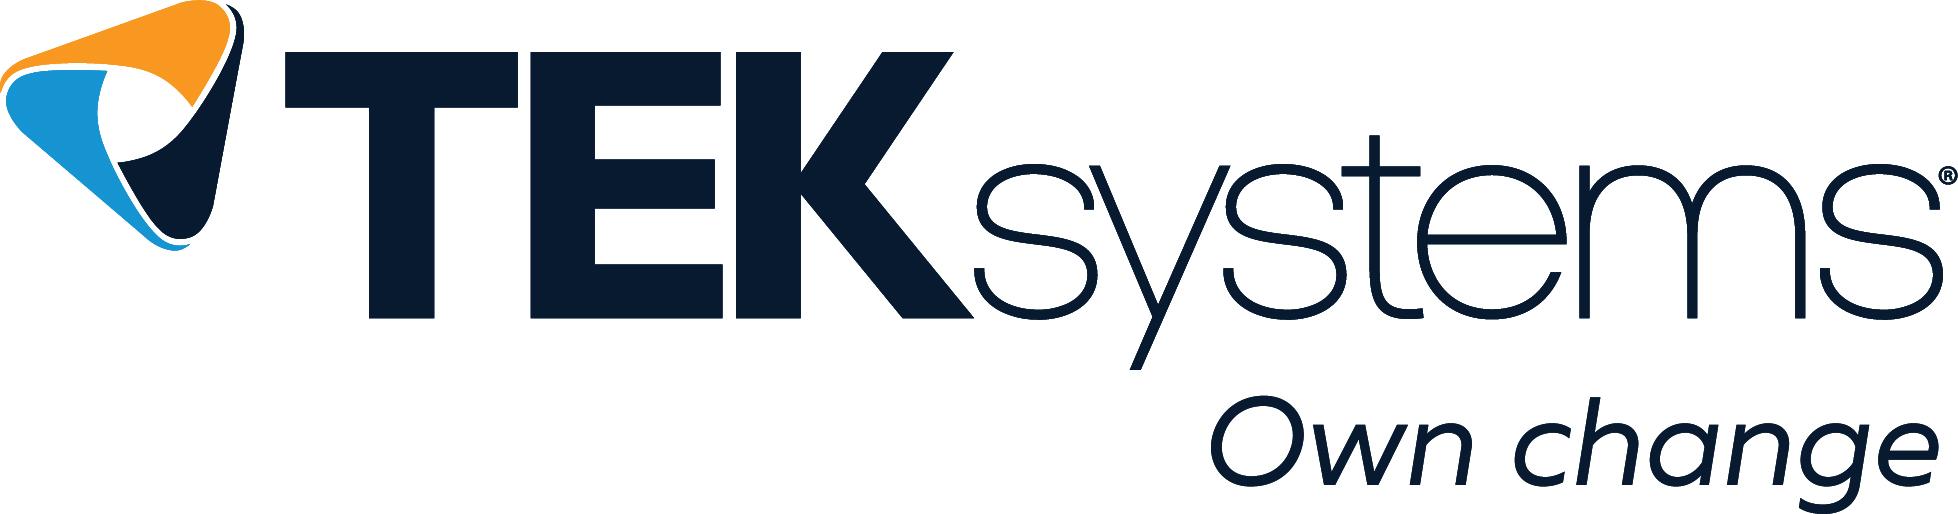 TEKsystems_logo_new_tagline_RGB.jpg